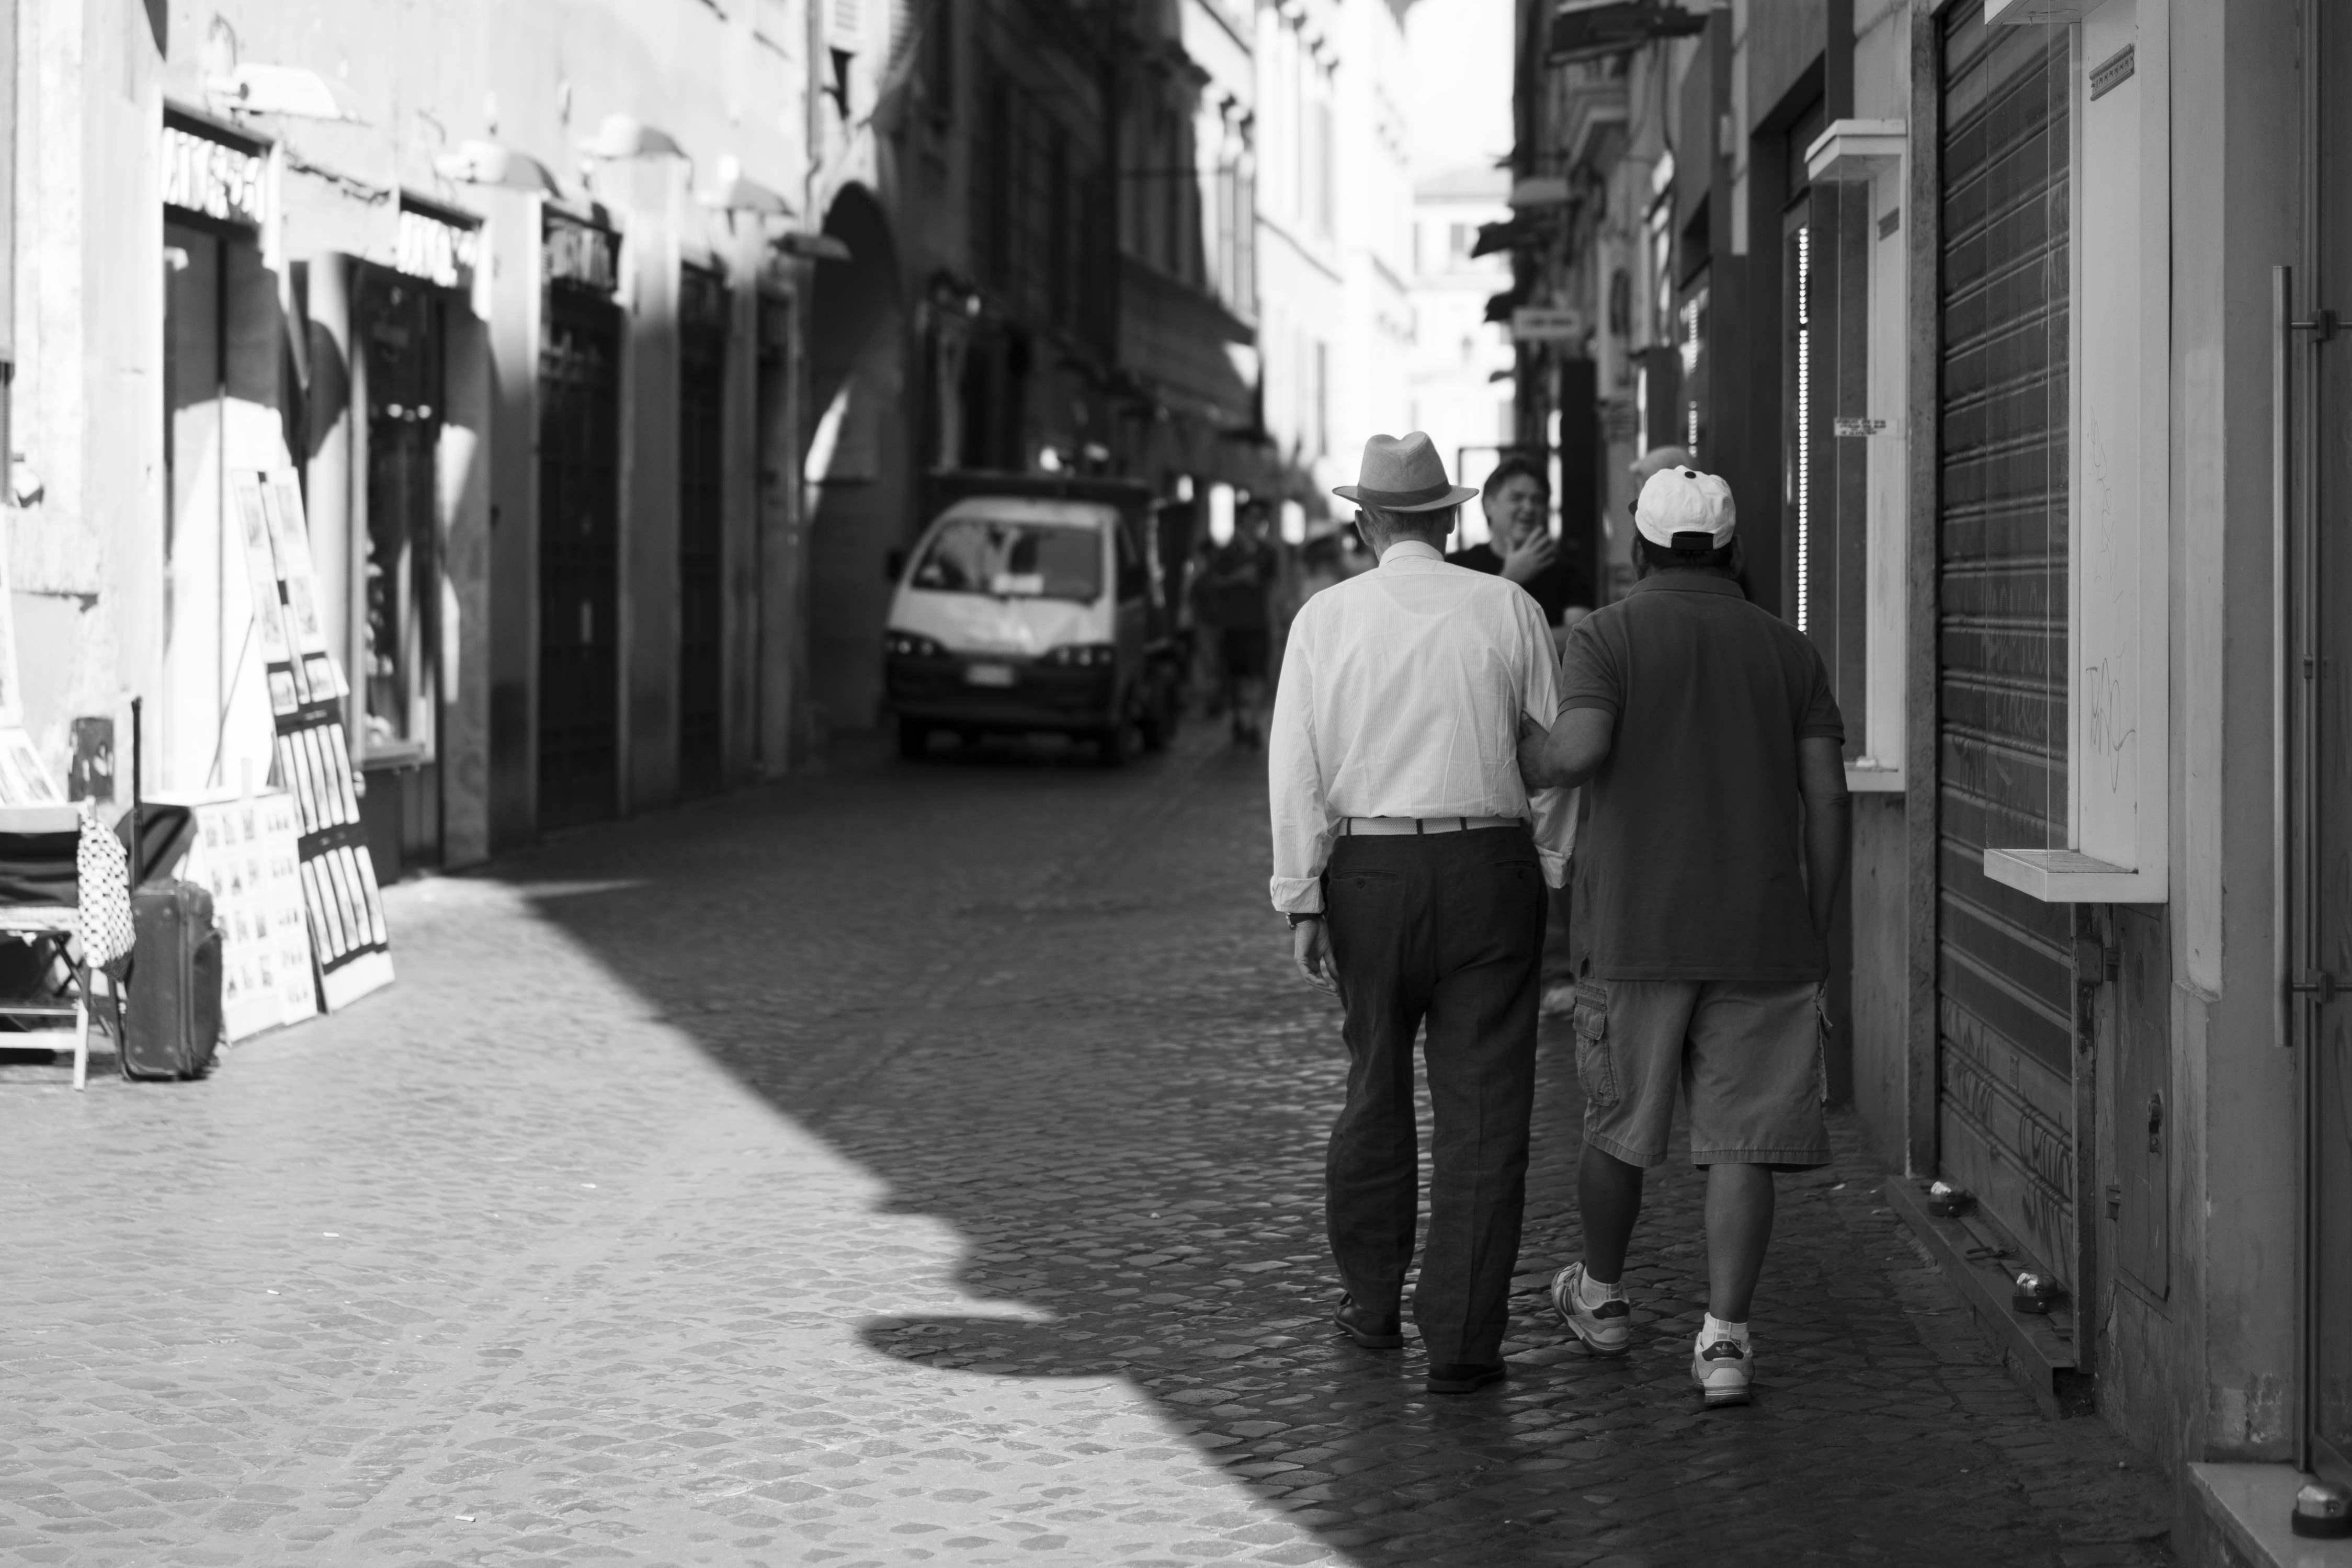 Roman_street_01